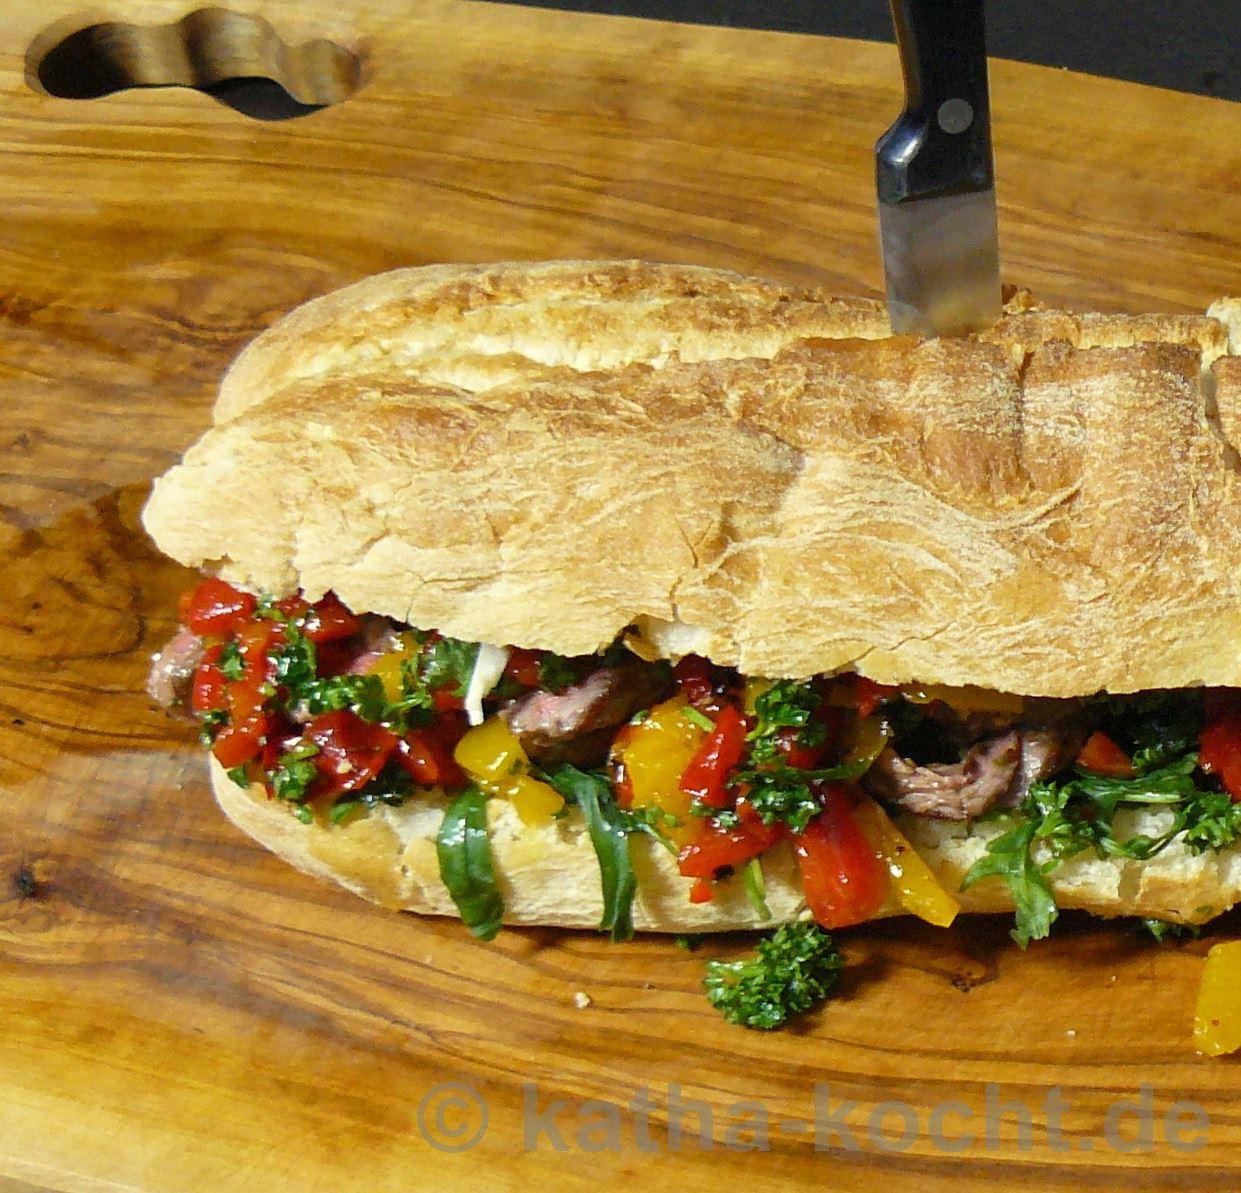 Jamie Oliver Steak Sandwich